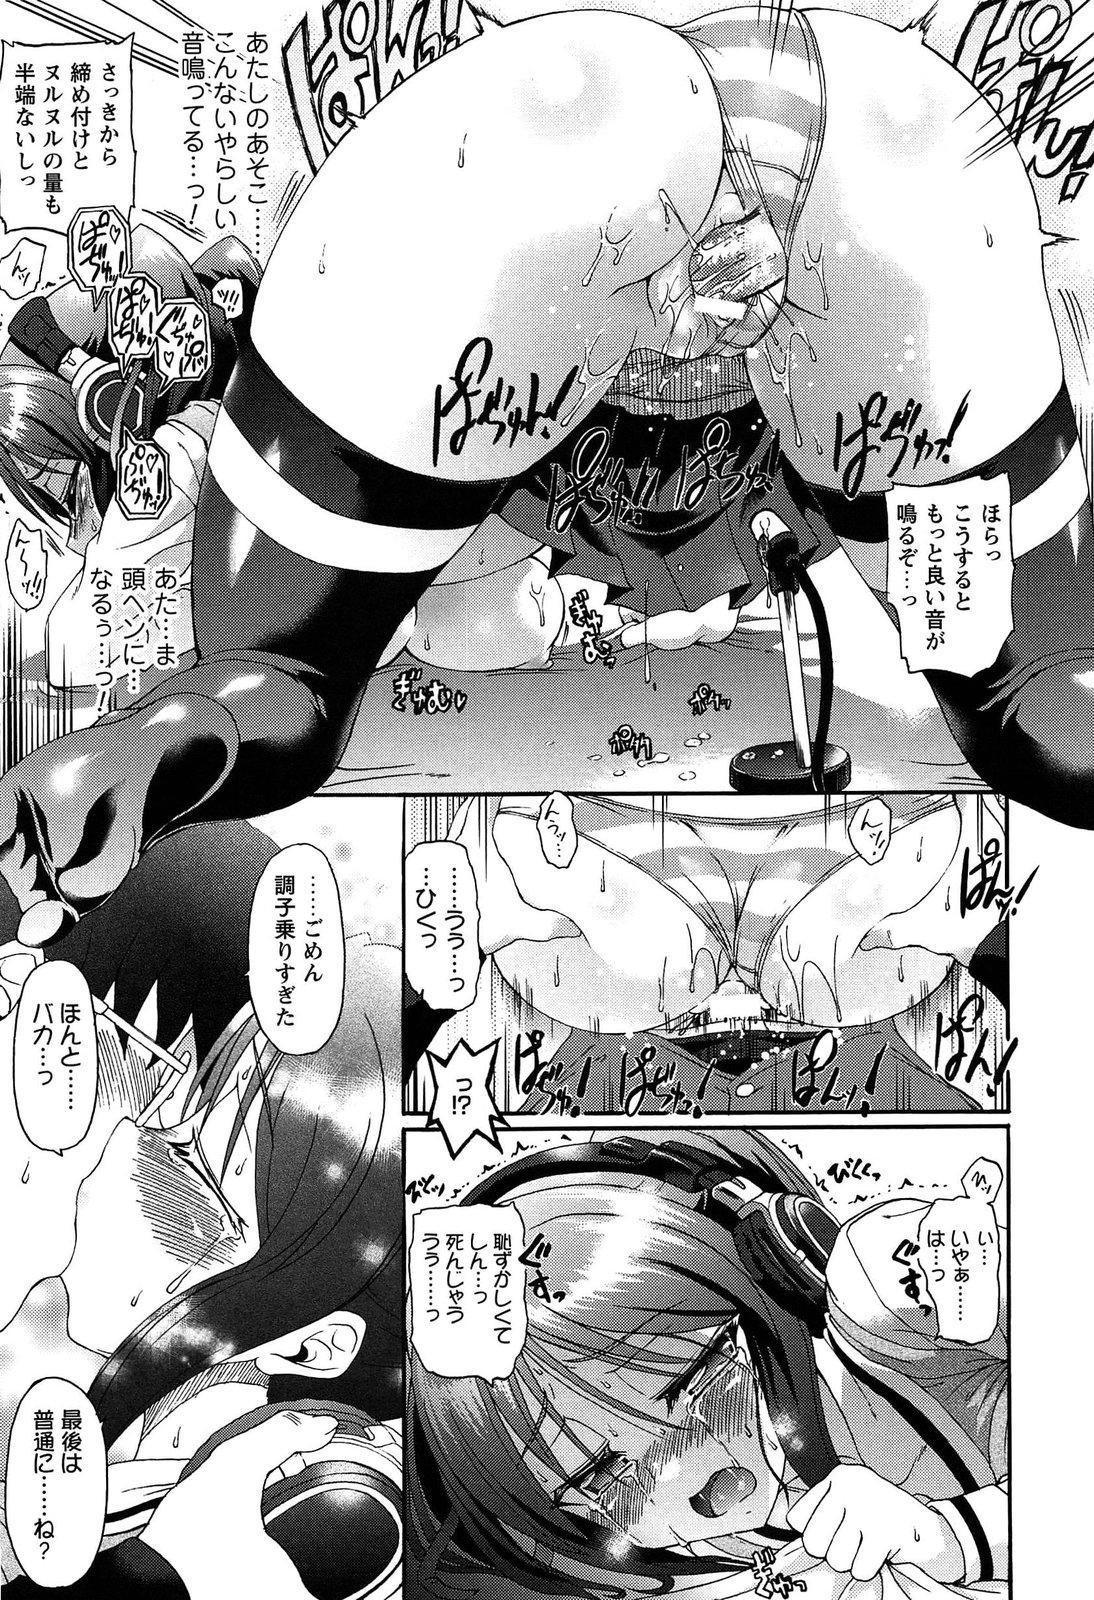 Eroge o Tsukurou! Genteiban - Let's develop the adult game together 28